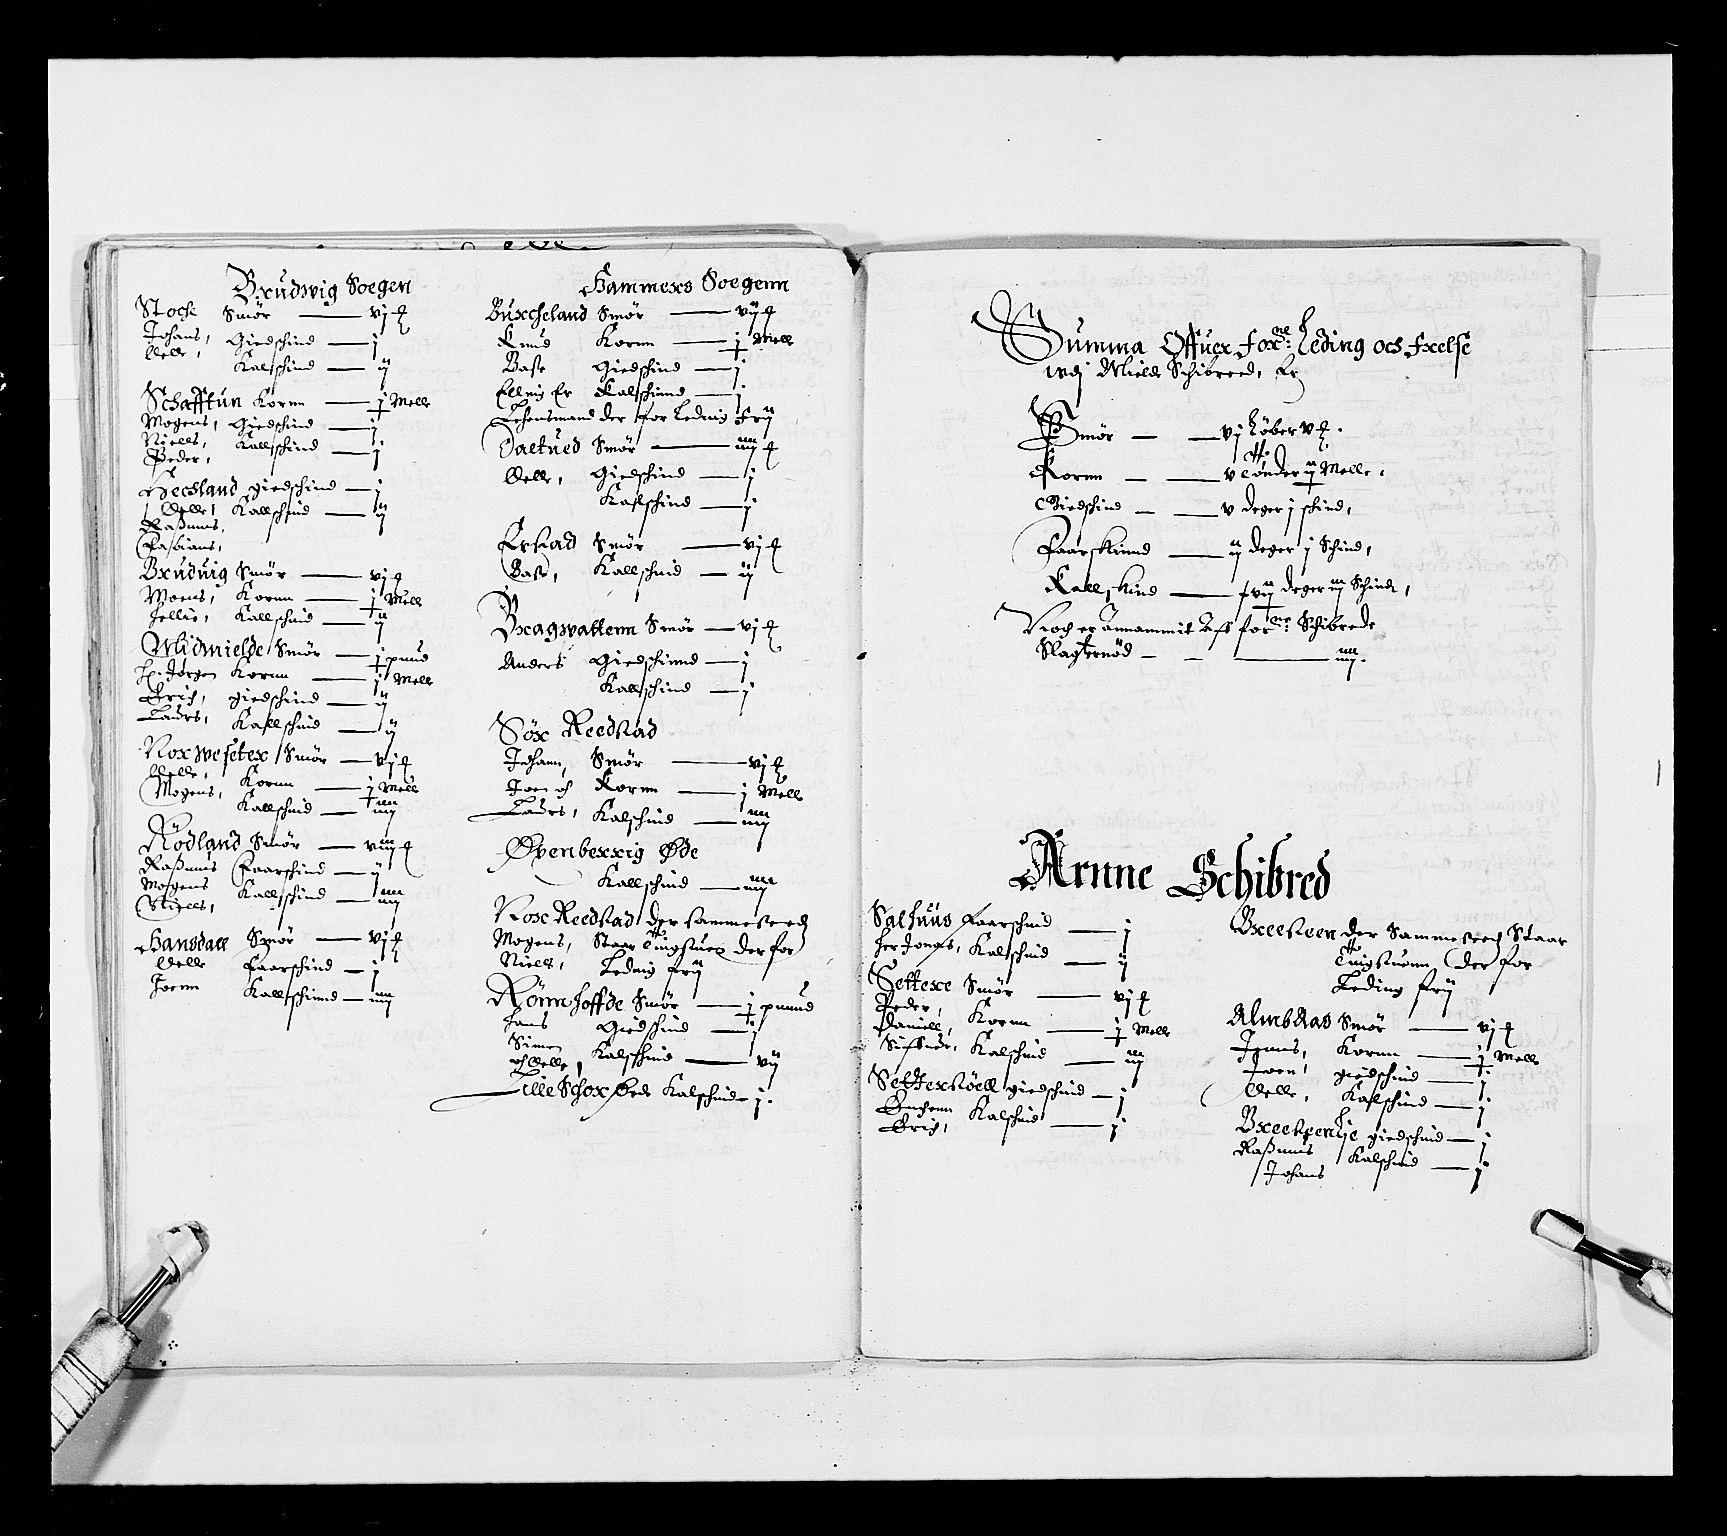 RA, Stattholderembetet 1572-1771, Ek/L0025: Jordebøker 1633-1658:, 1645-1646, s. 104